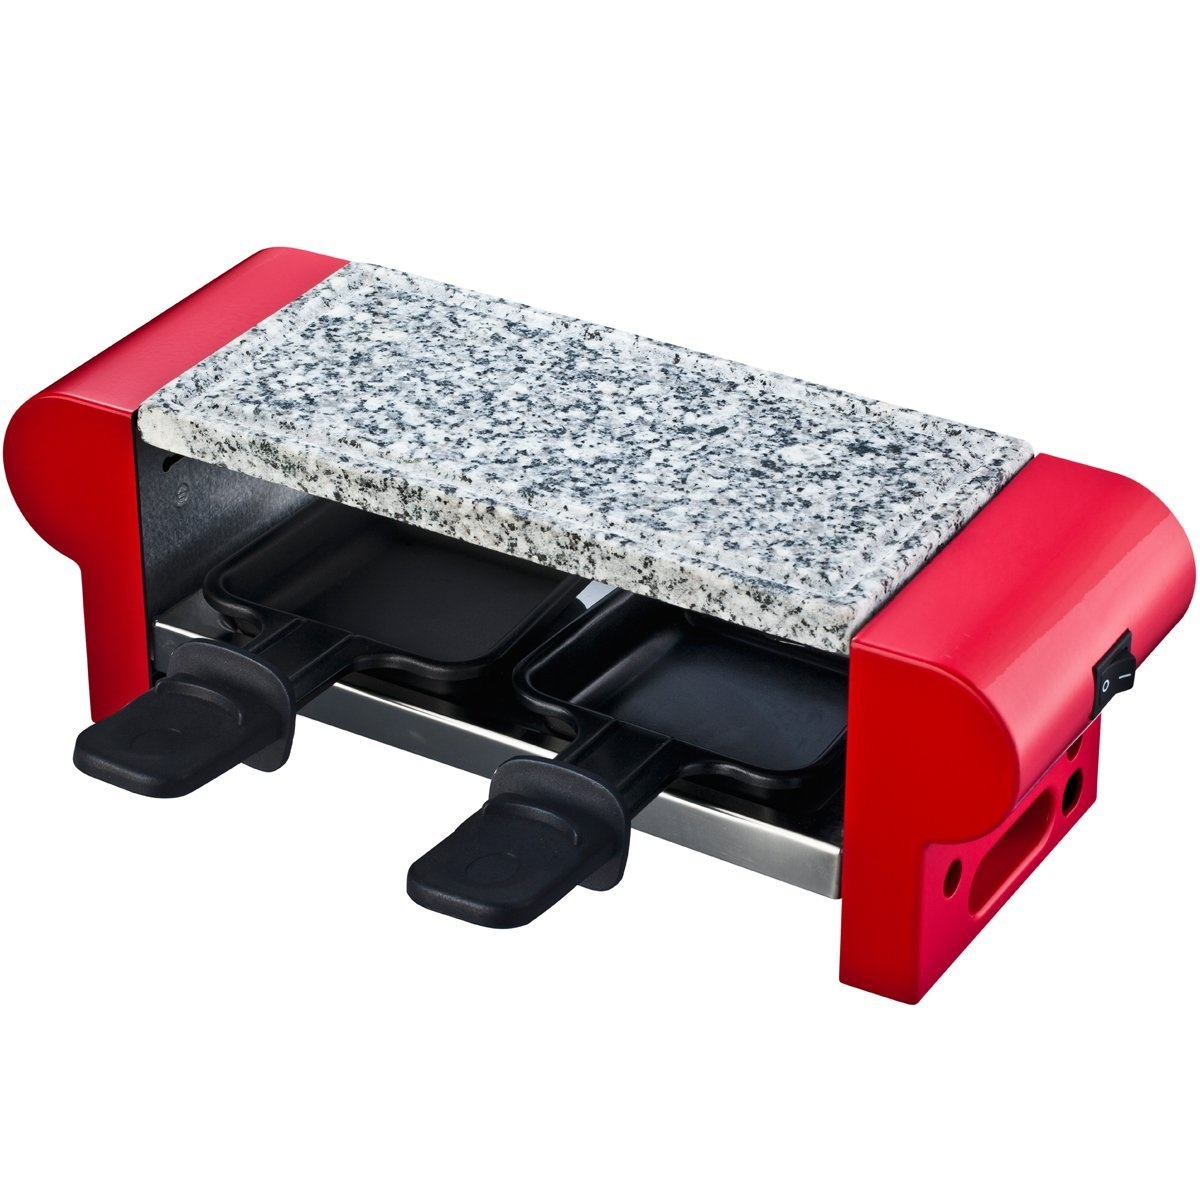 les meilleurs appareils raclette pour 2 personnes comparatif en juill 2018. Black Bedroom Furniture Sets. Home Design Ideas